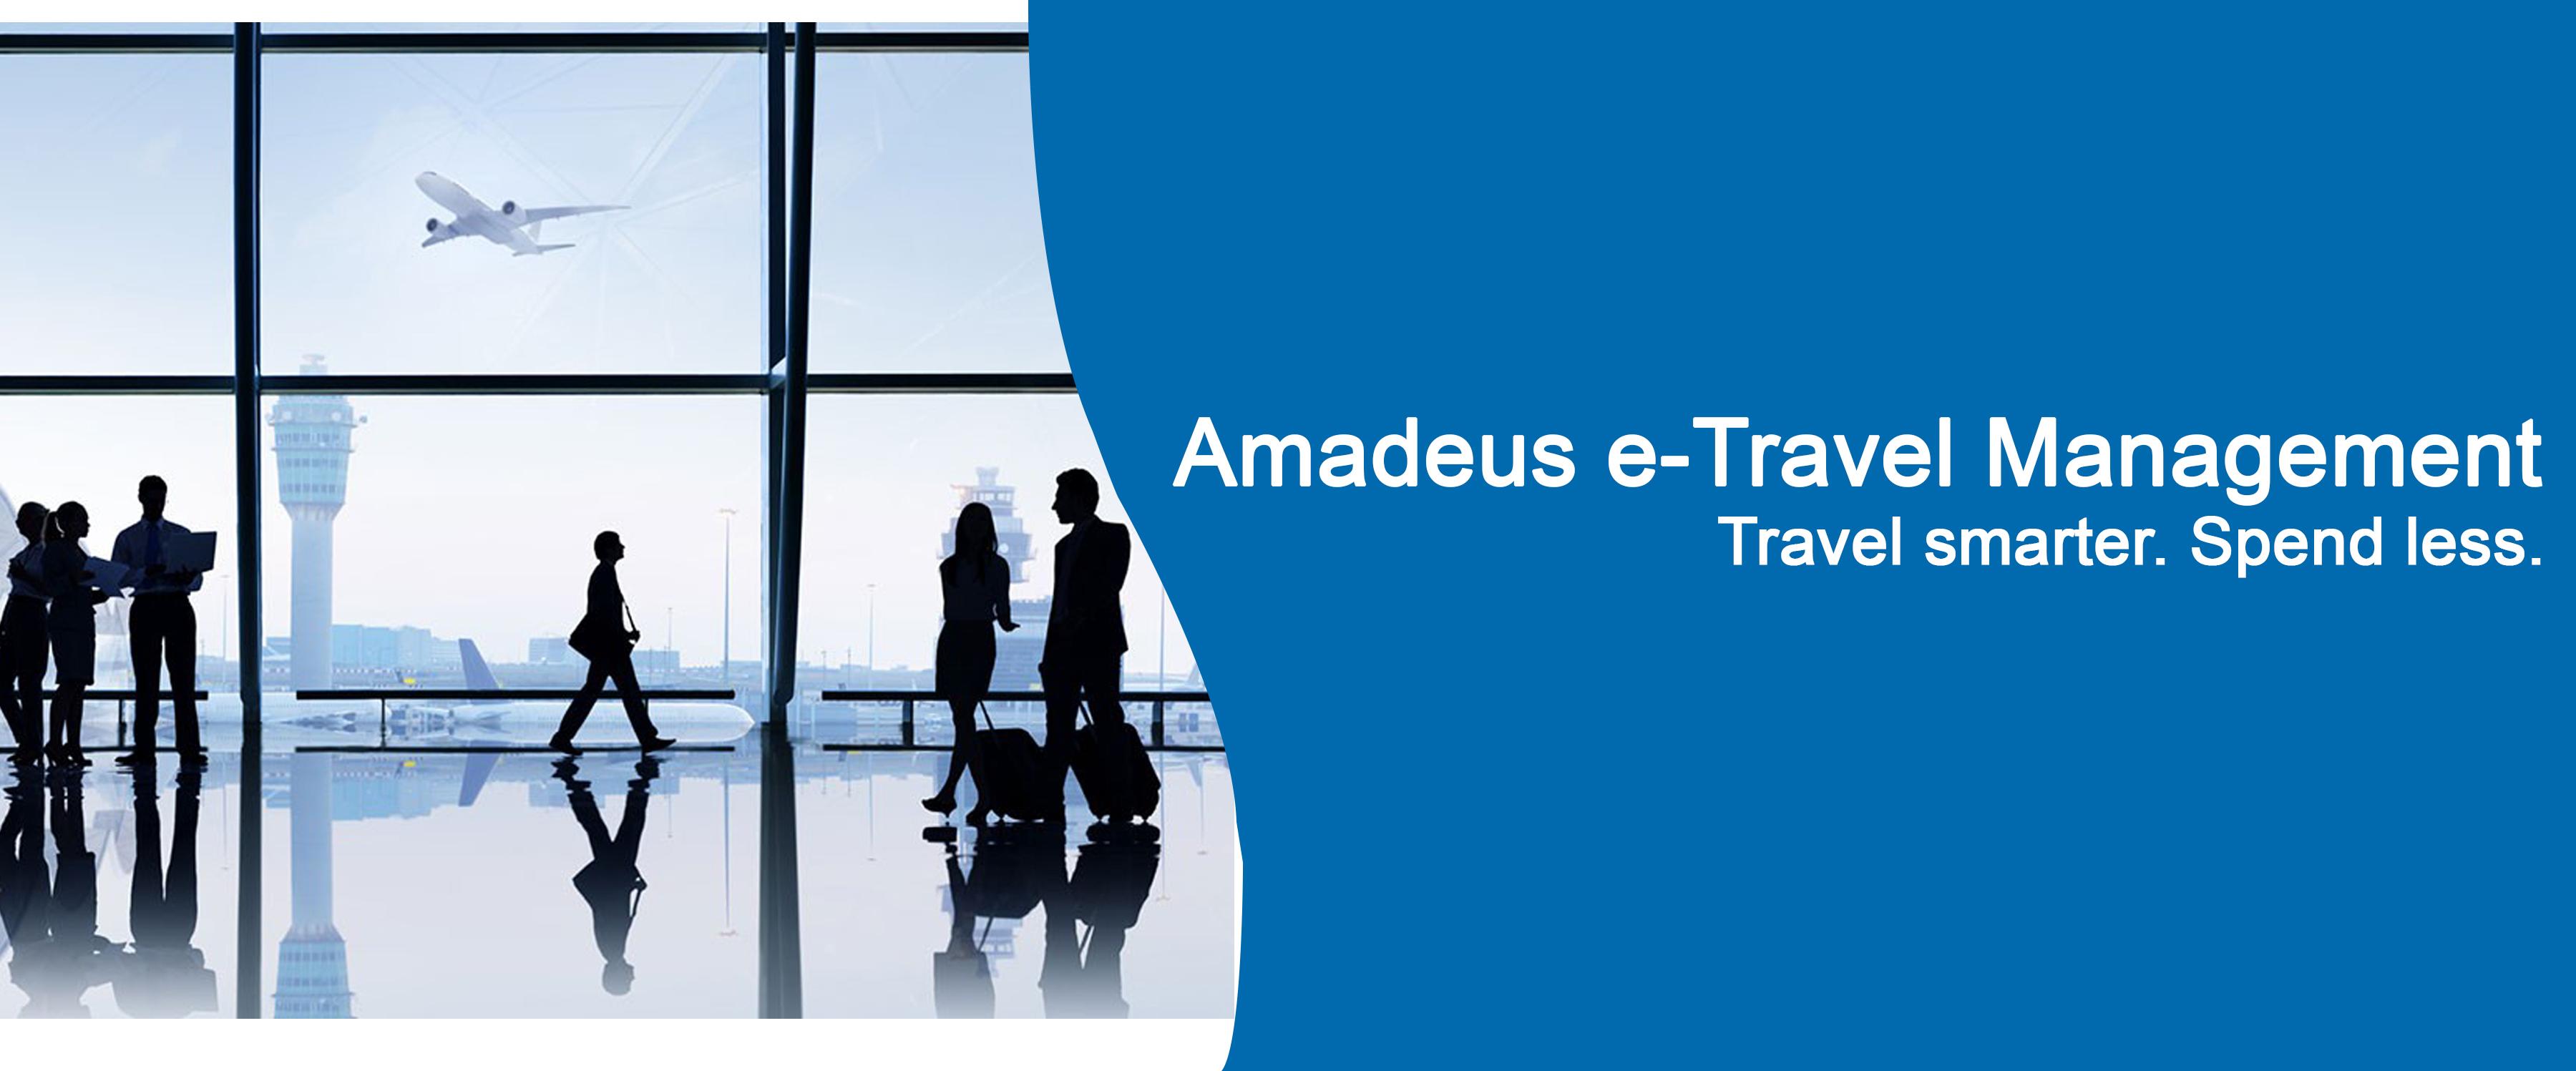 Amadeus e-Travel